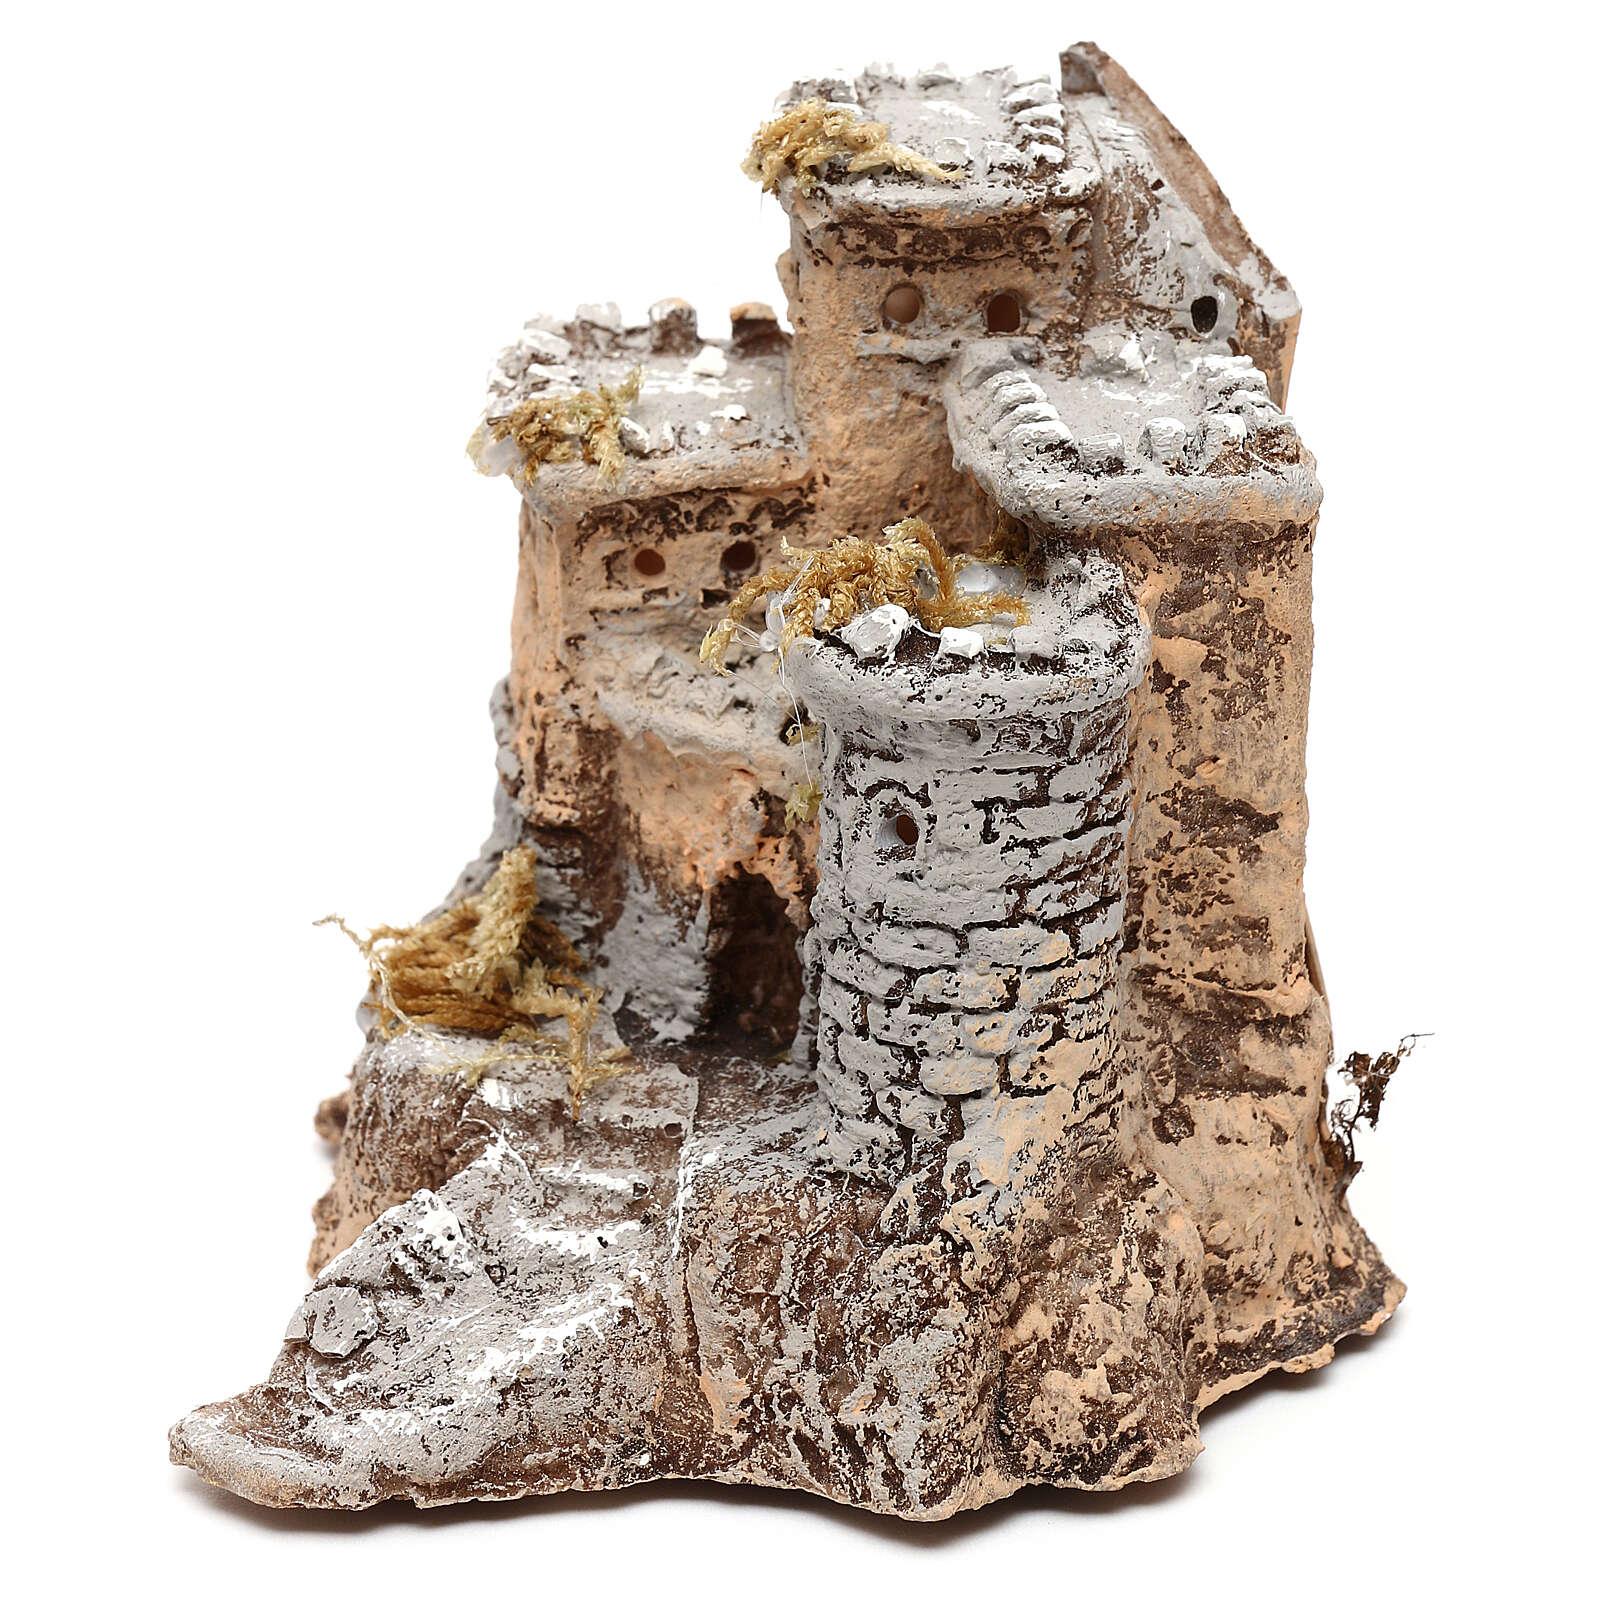 Castle in resin 10x10x10 cm, Neapolitan nativity 4 cm 4